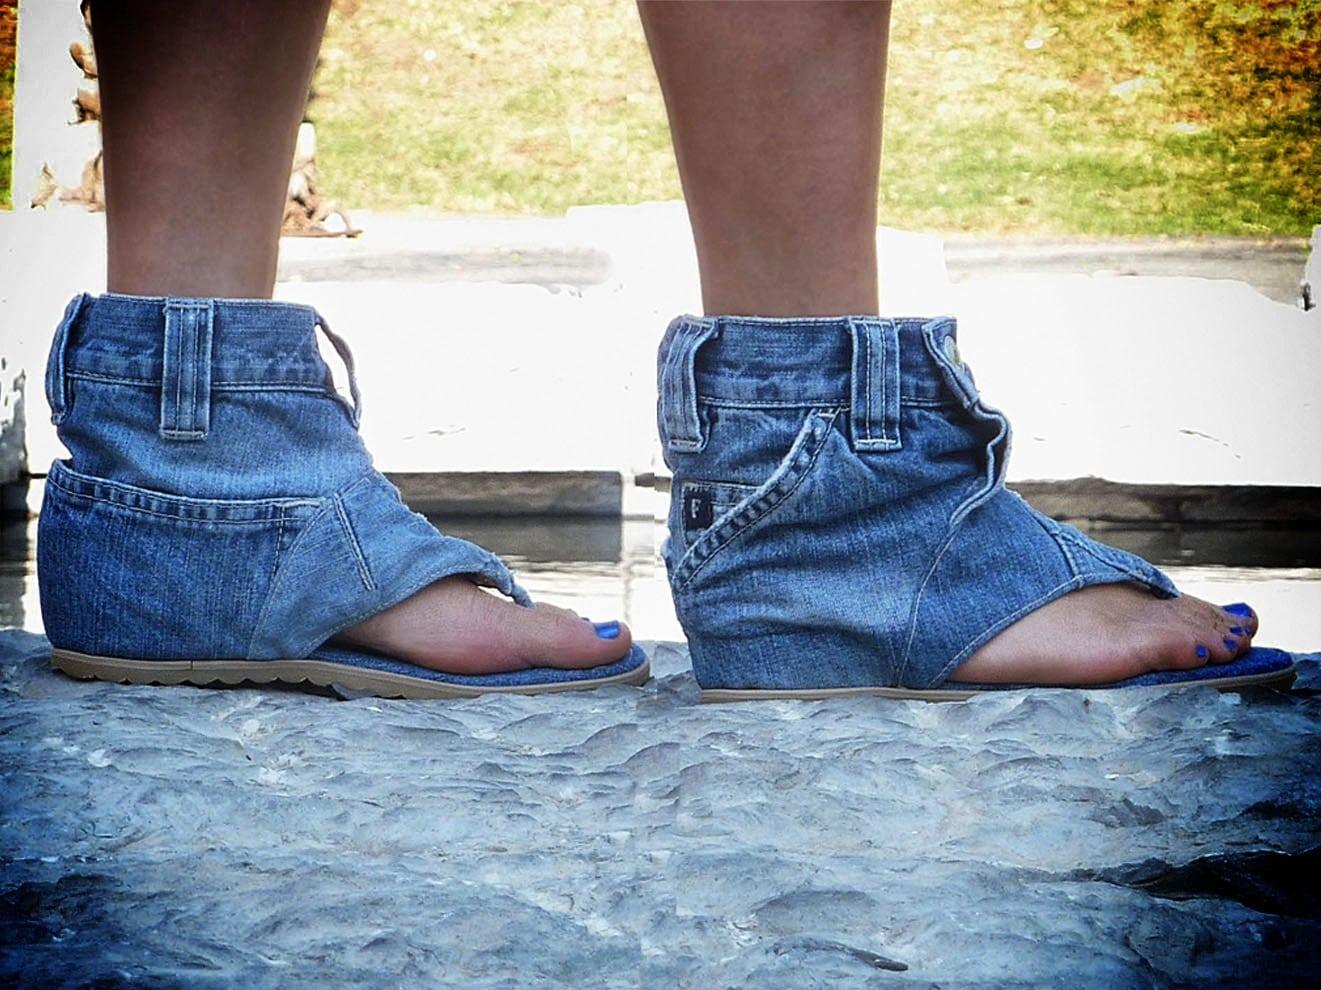 jeans-sandals-denim-shoes-etsy